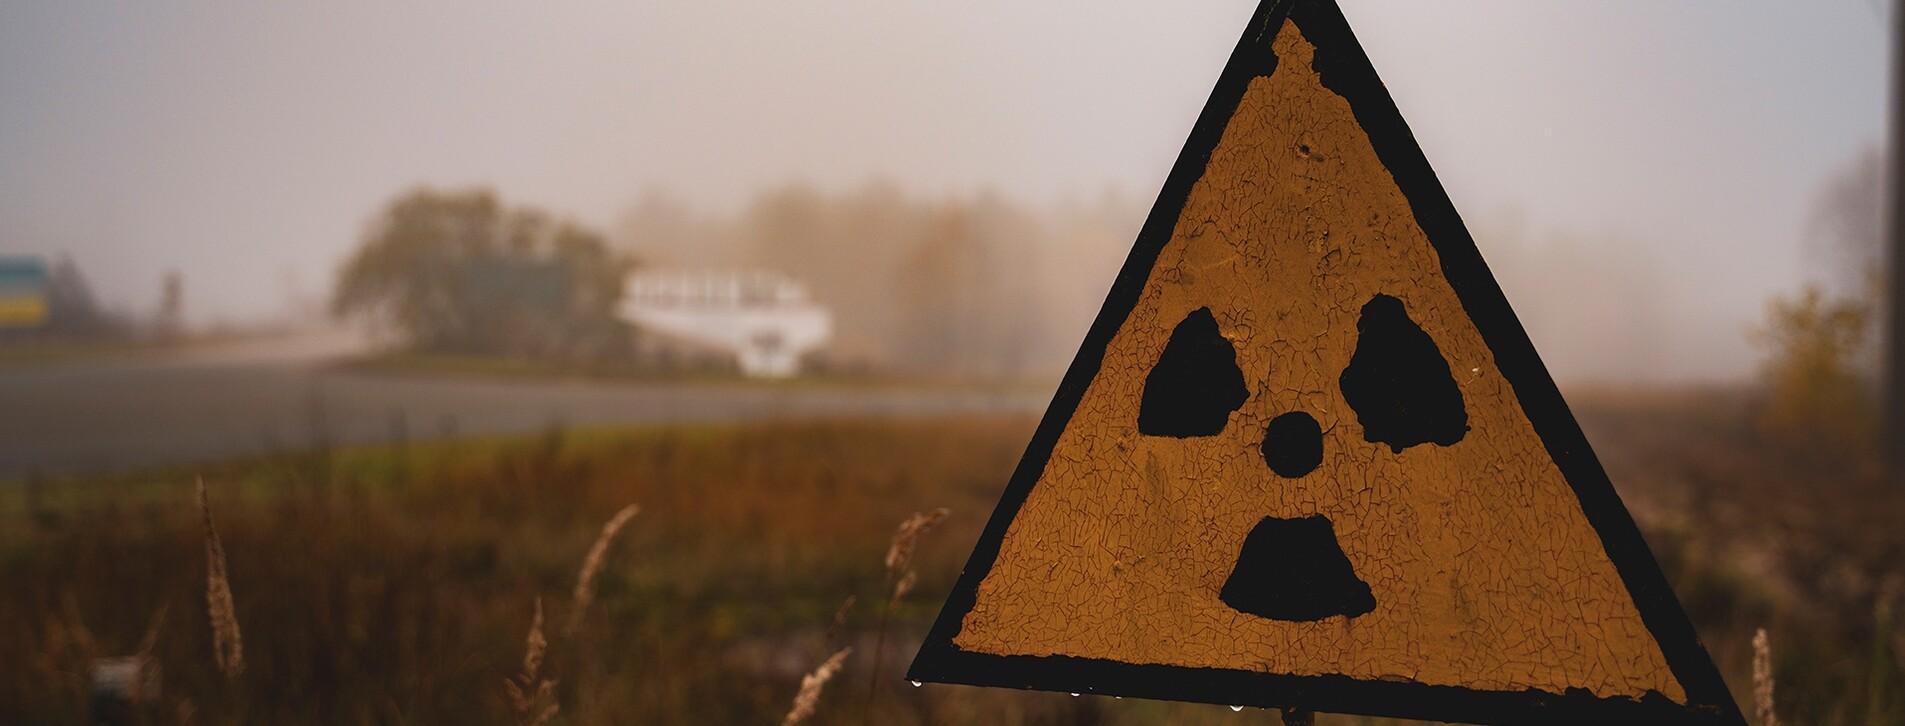 Фото 1 - Экскурсия в Чернобыль